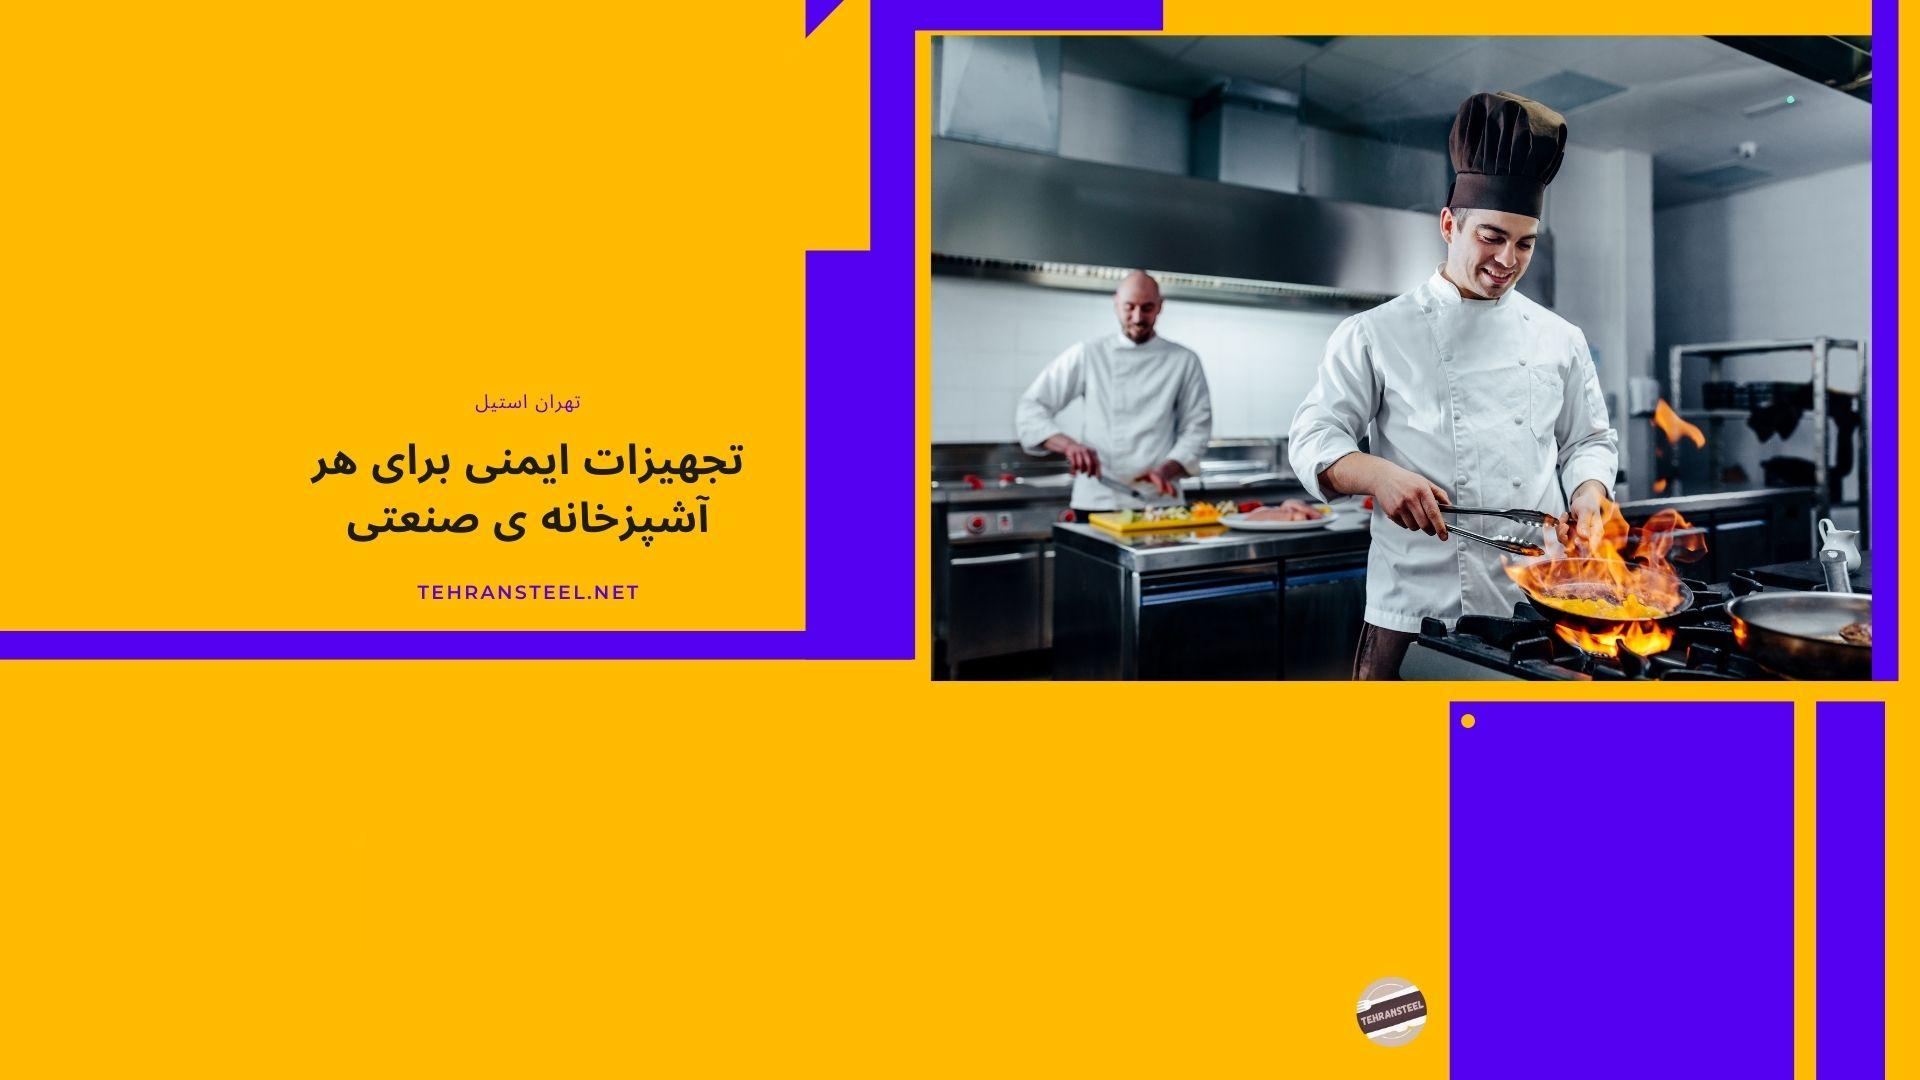 تجهیزات ایمنی برای هر آشپزخانه ی صنعتی: